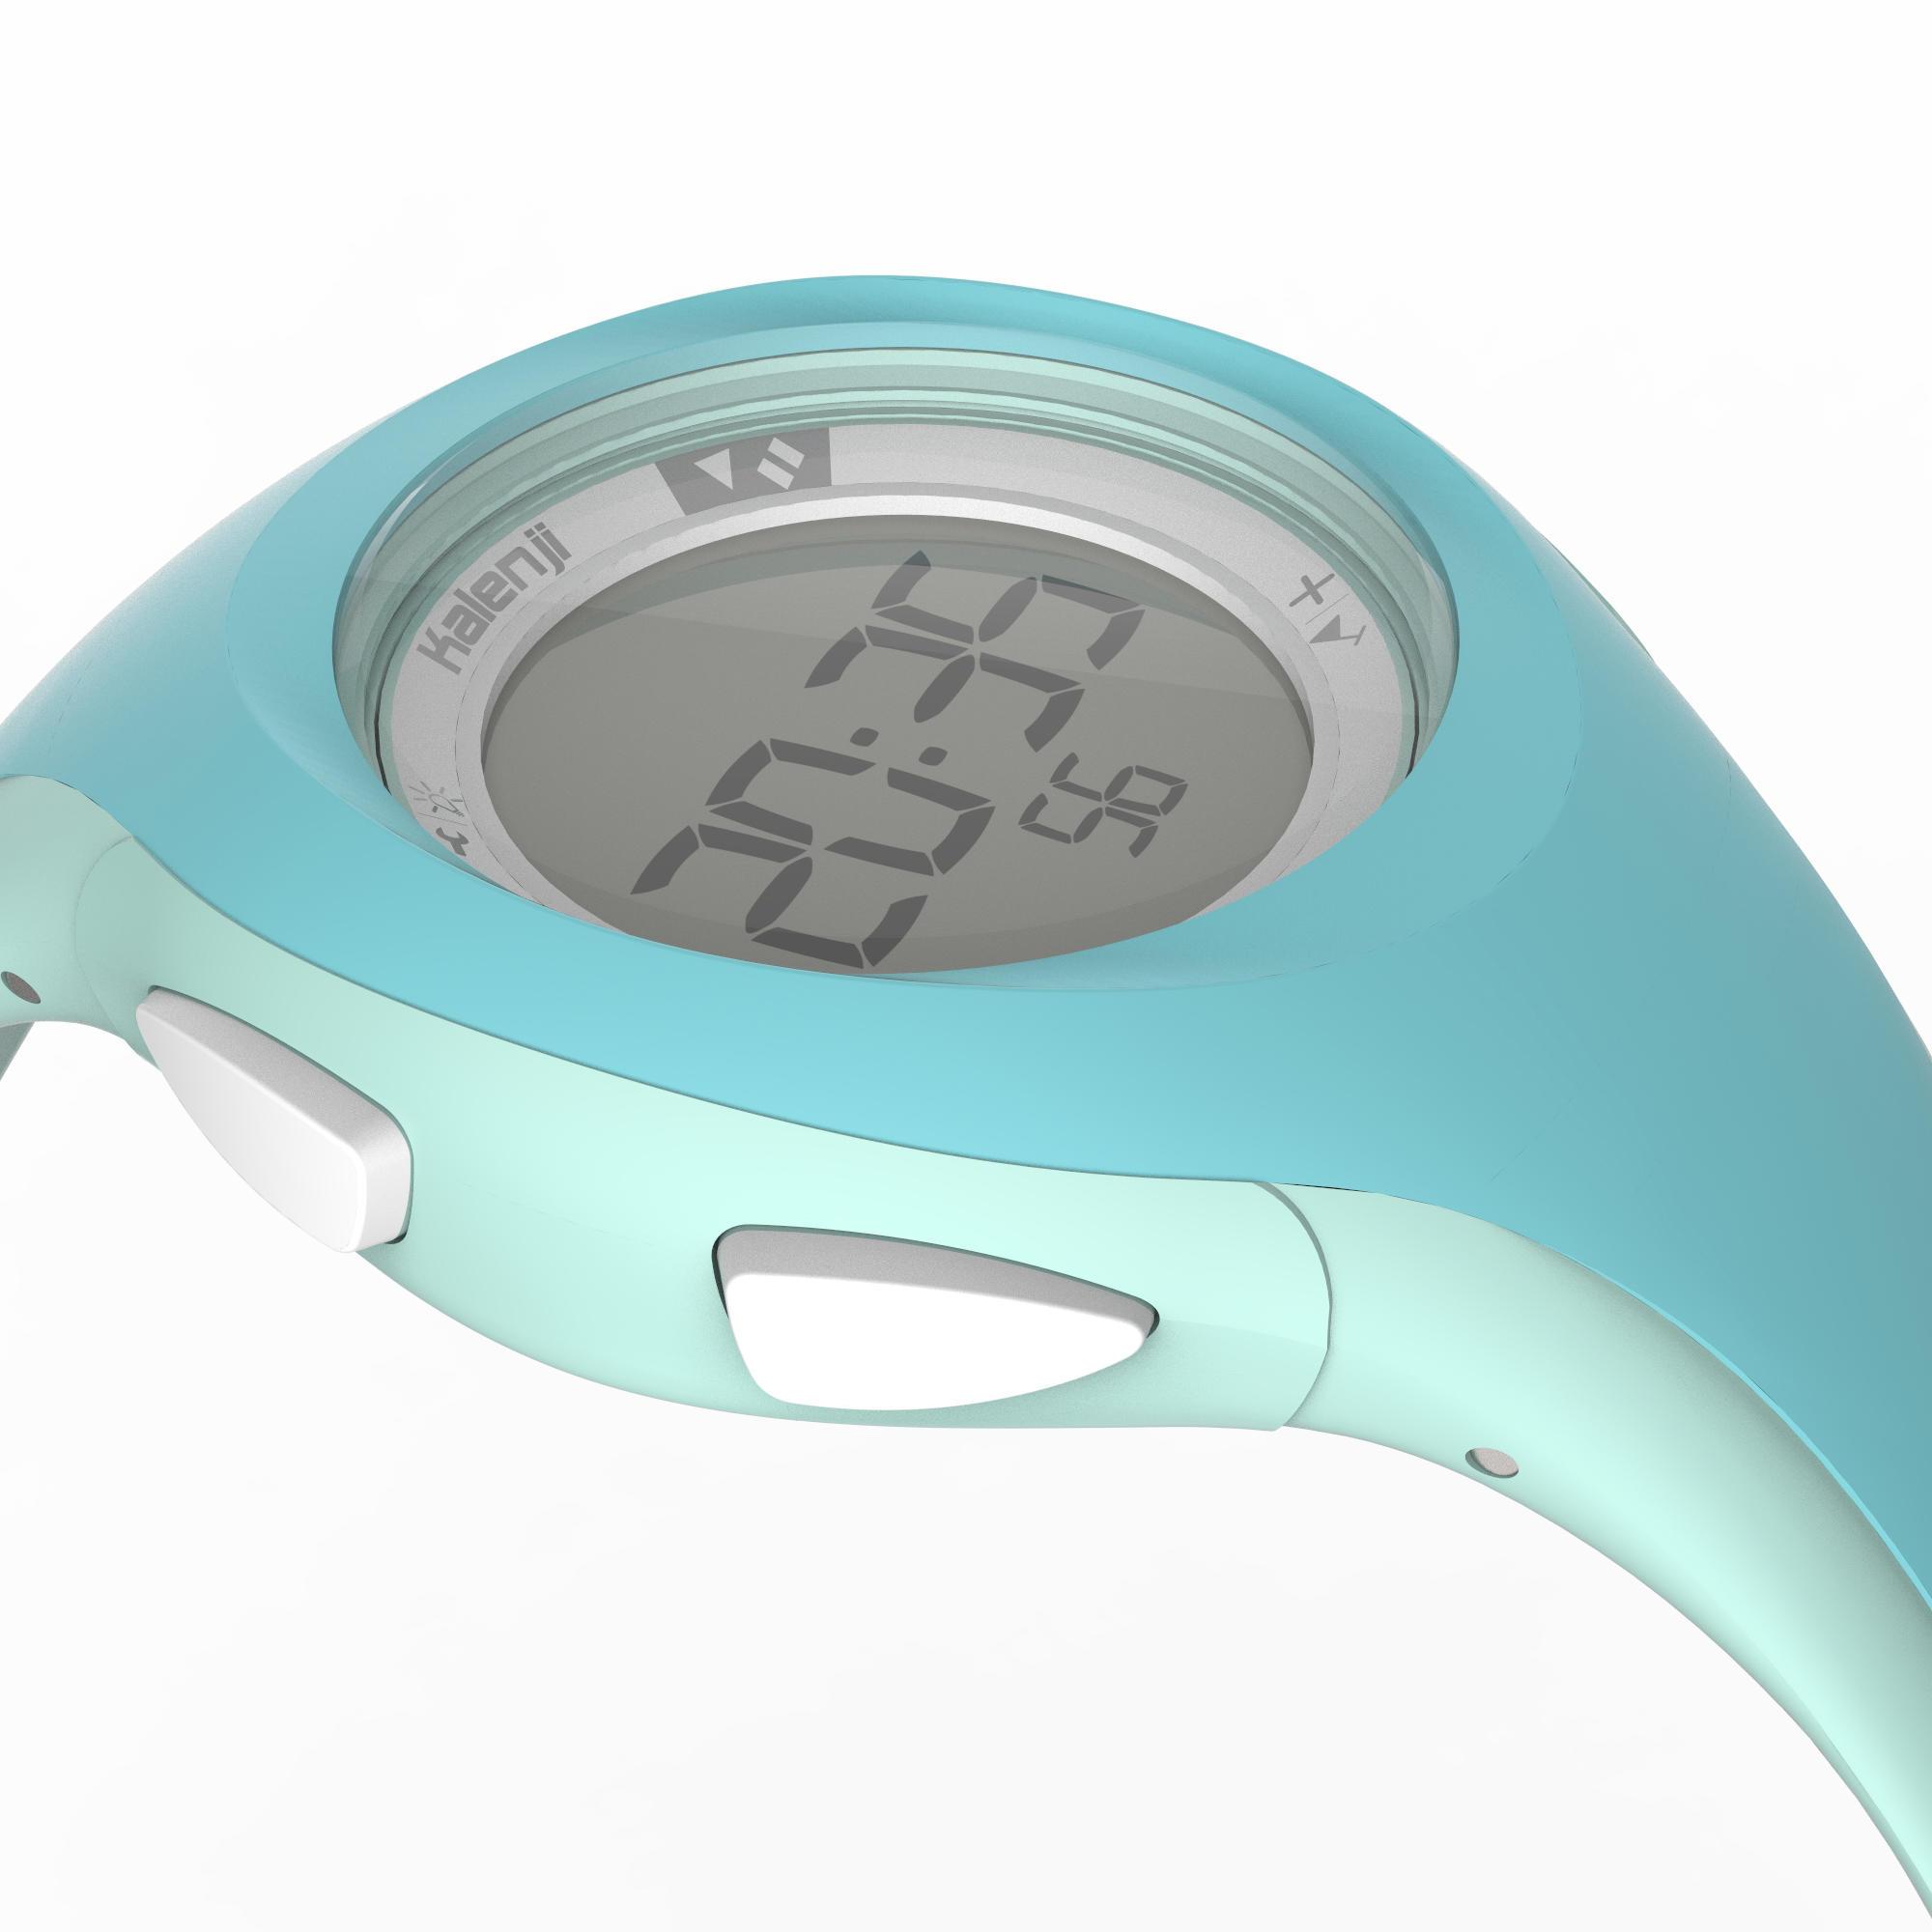 nuevo estilo ae146 8b992 Reloj digital deportivo mujer y junior W200 S temporizador verde pastel